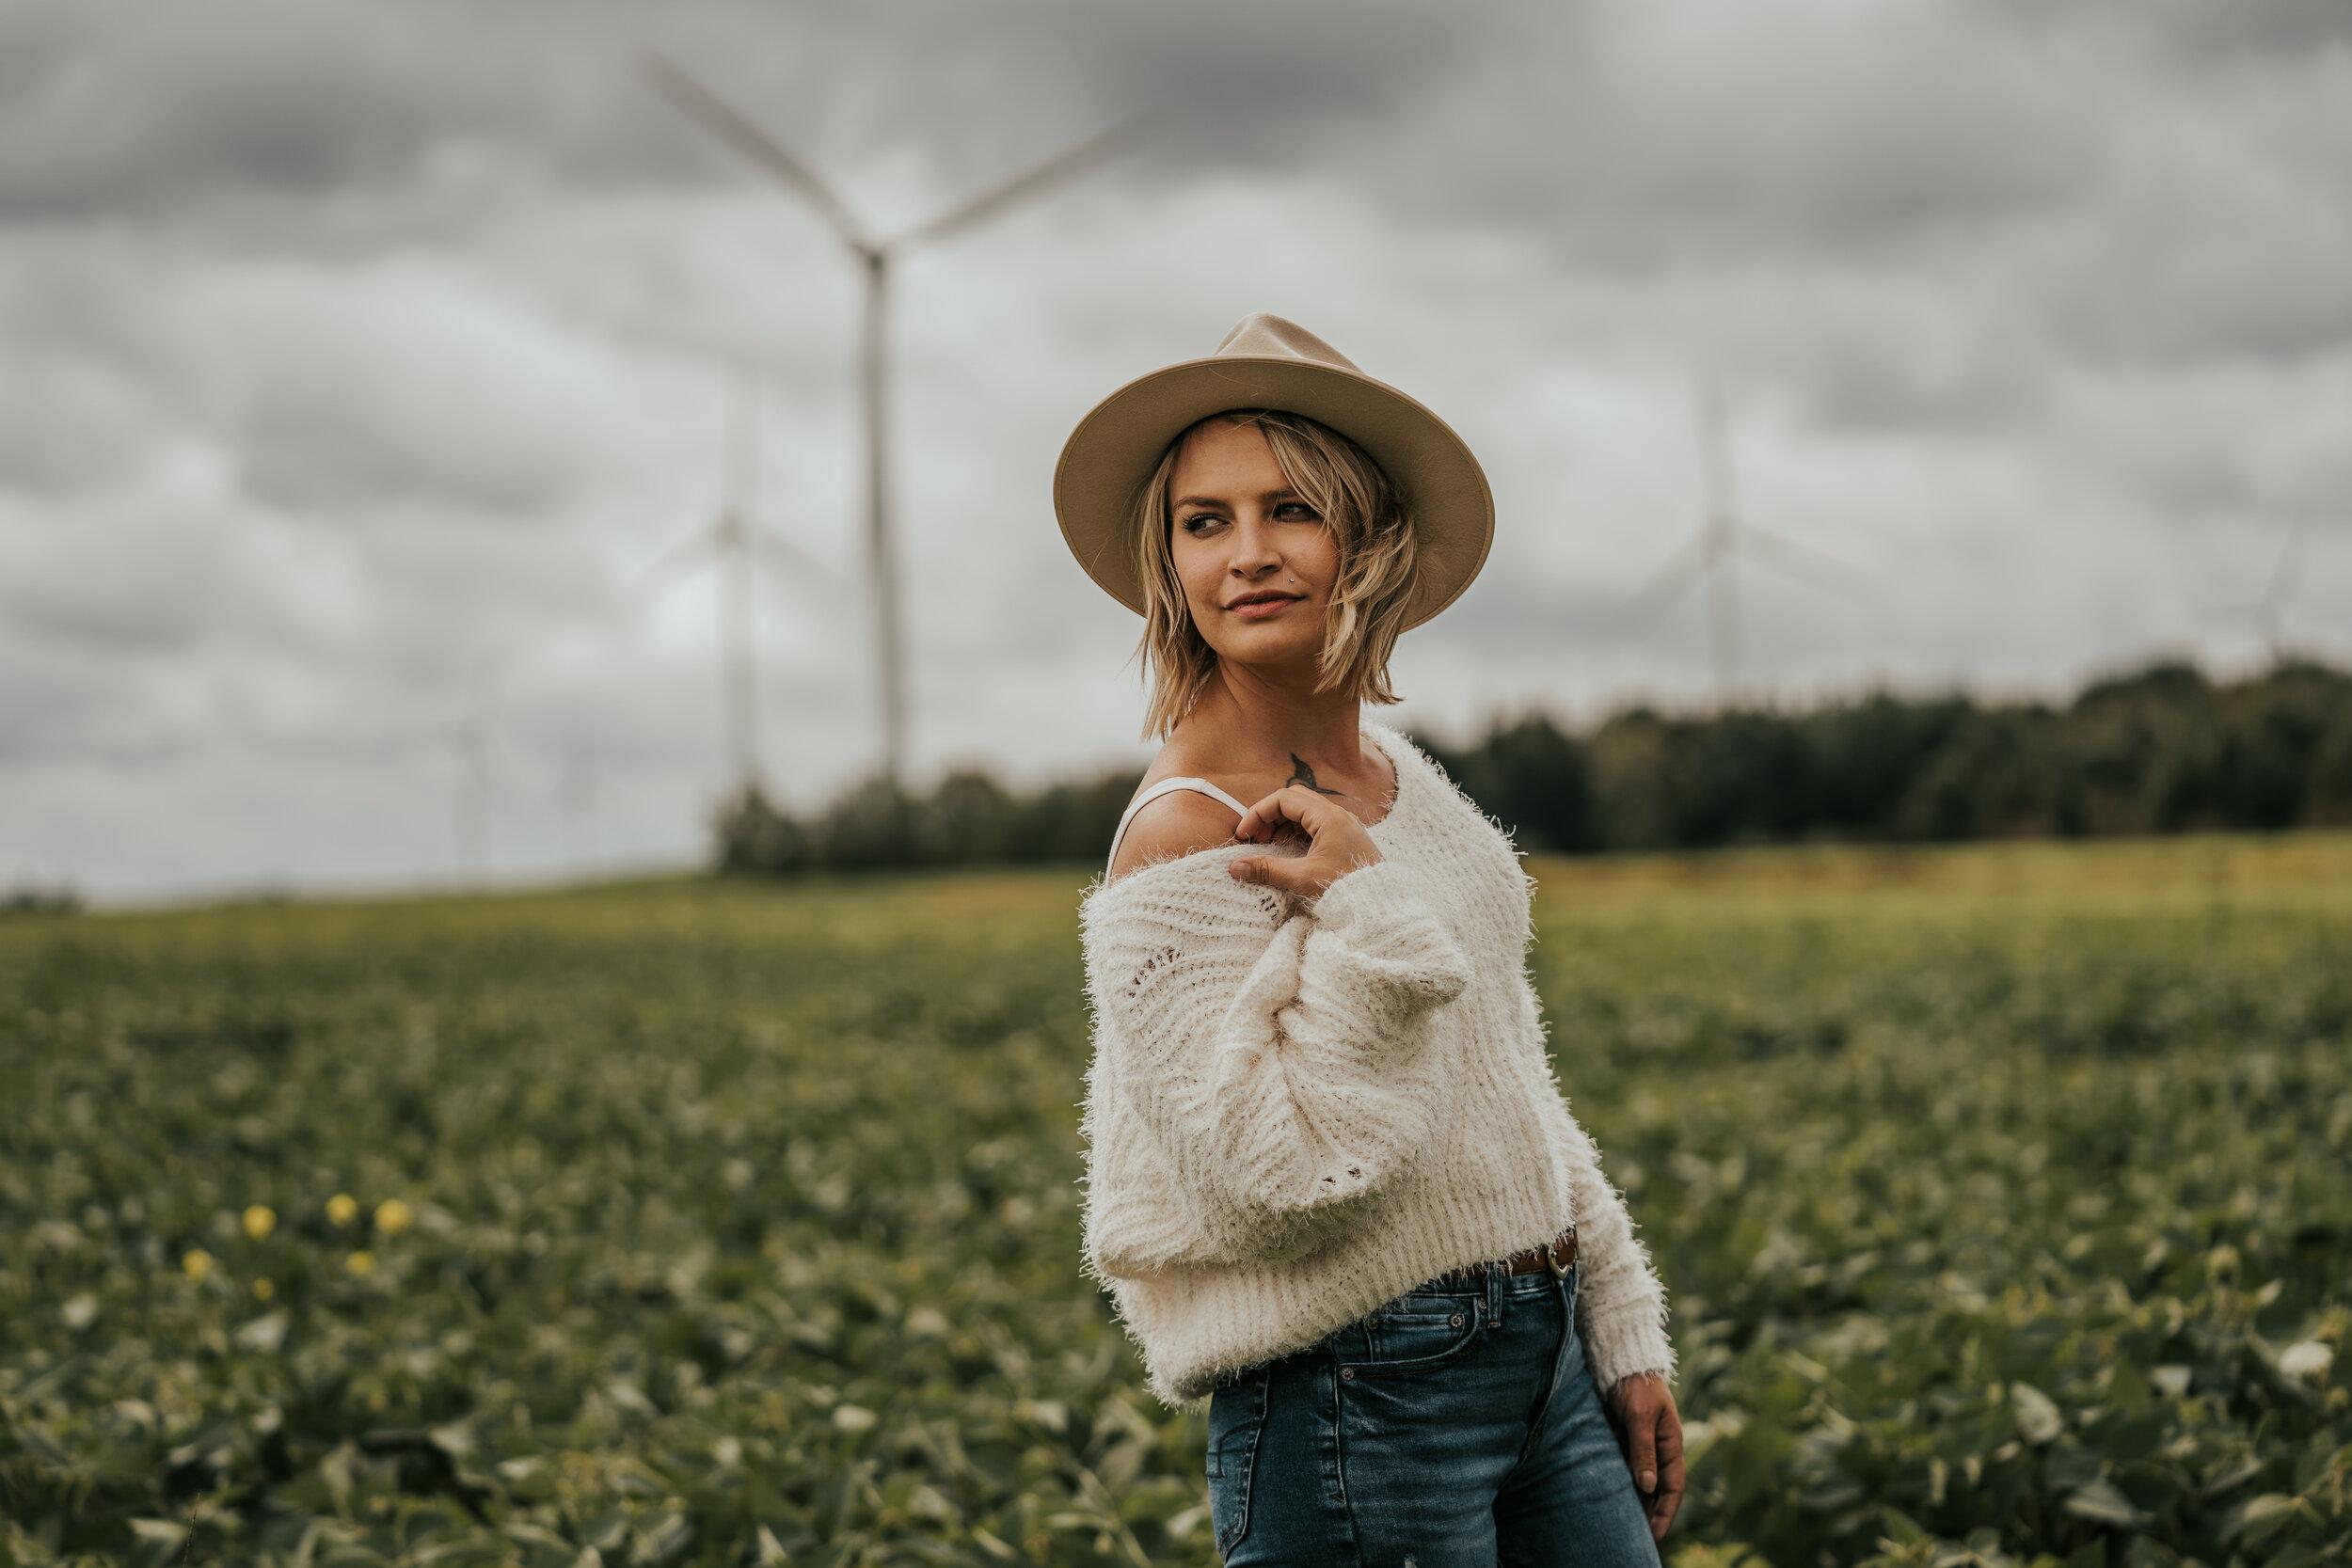 Windmills-03497.jpg